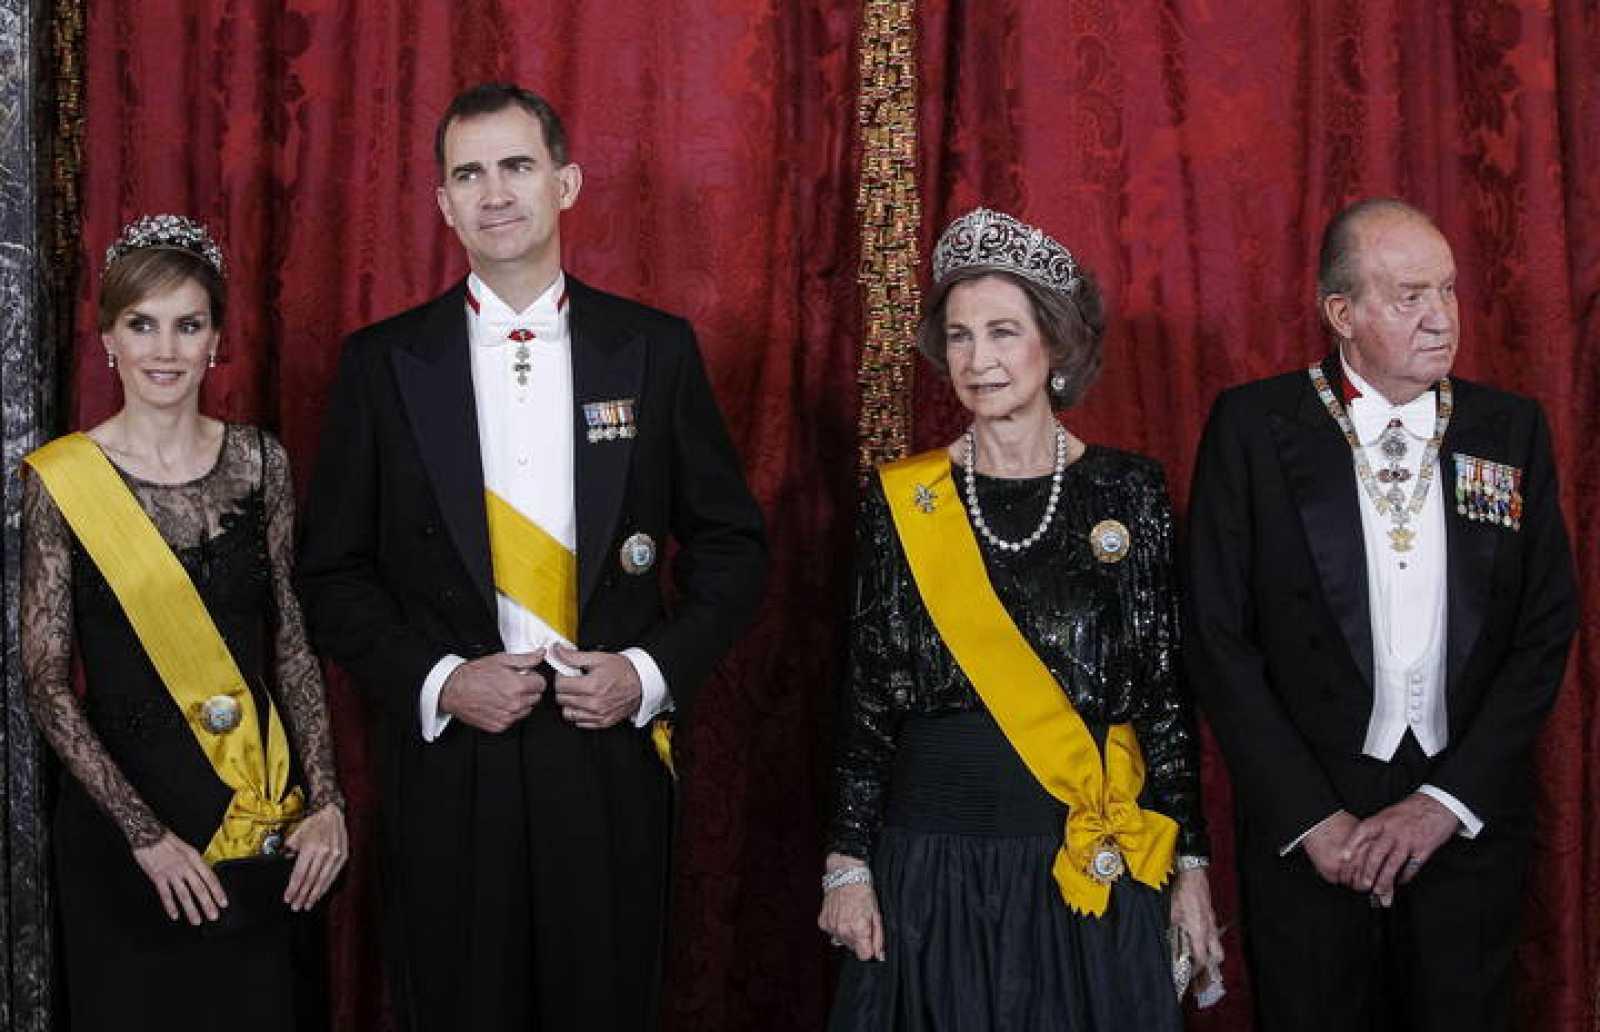 El rey Juan Carlos y la reina Sofía junto a los príncipes de Asturias, futuros reyes Felipe y Letizia.